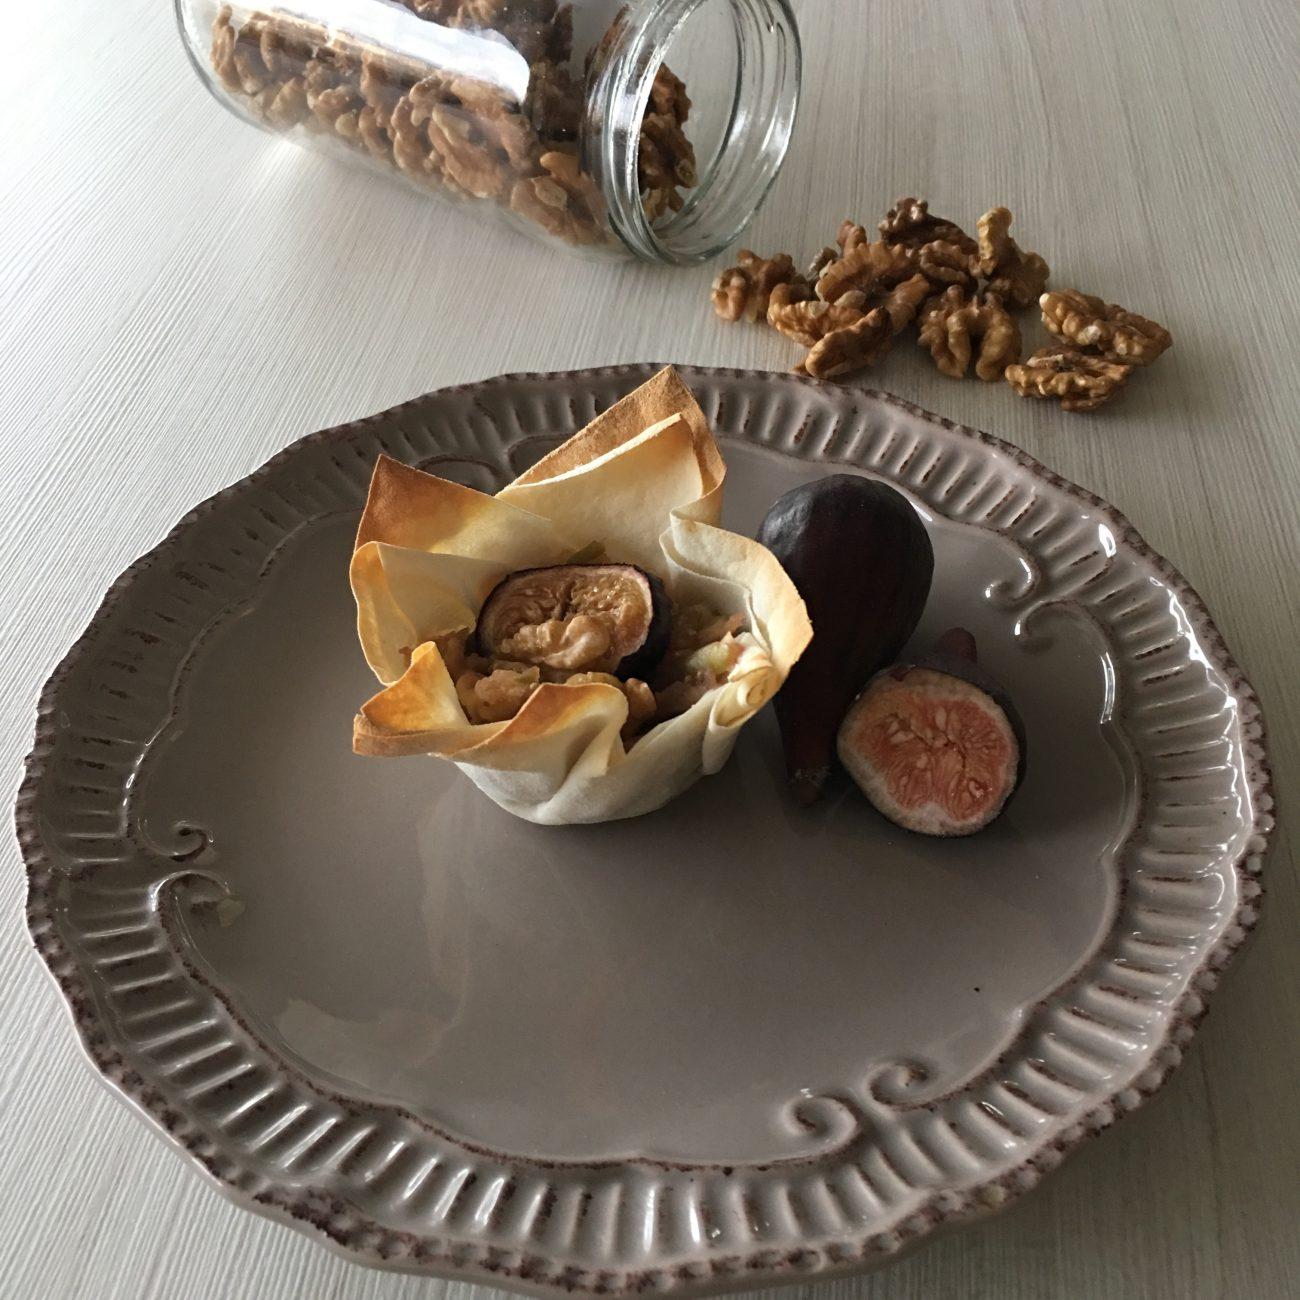 Tartaleta de manzana, higos y nuez